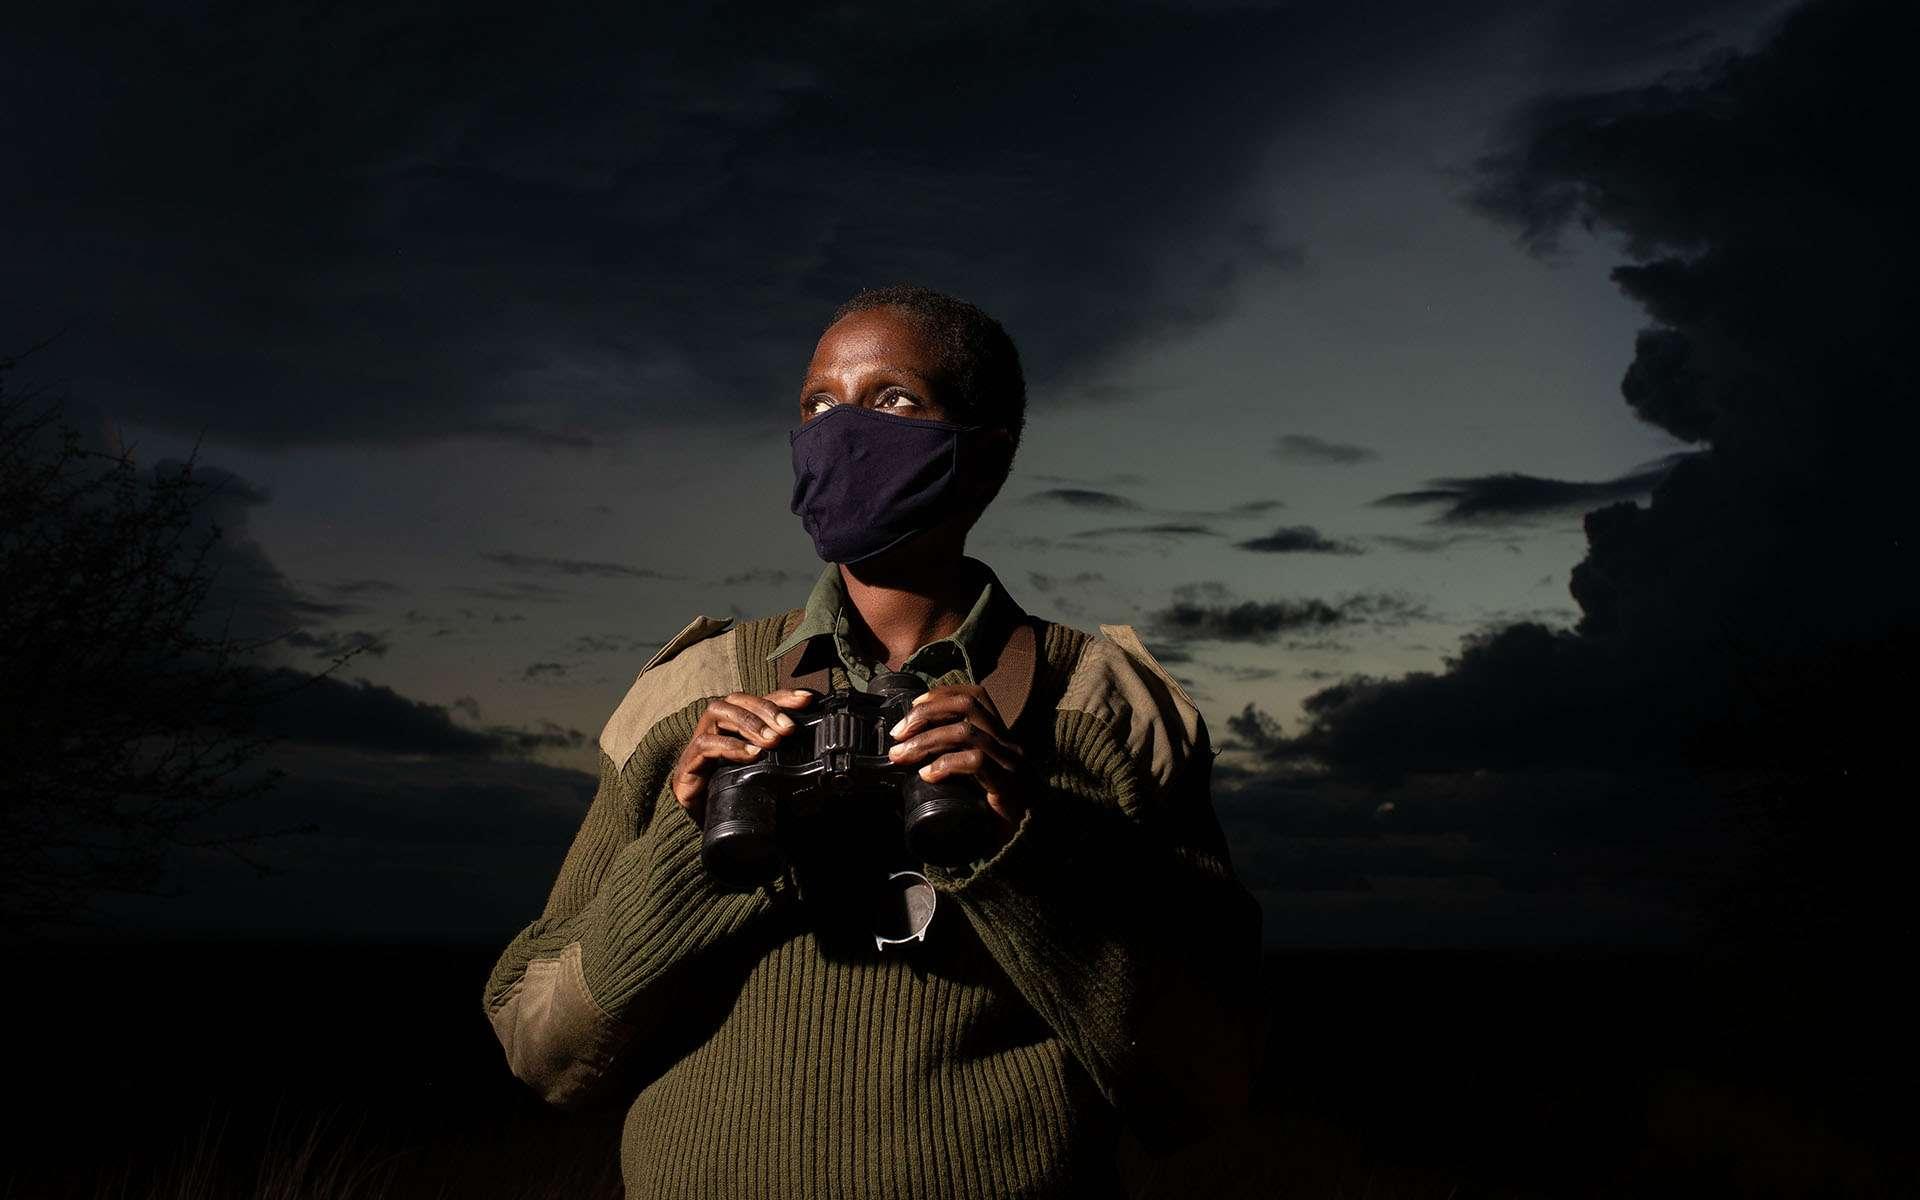 En protégeant les animaux en voie de disparition, les rangers mettent leur vie en danger. © IFAW